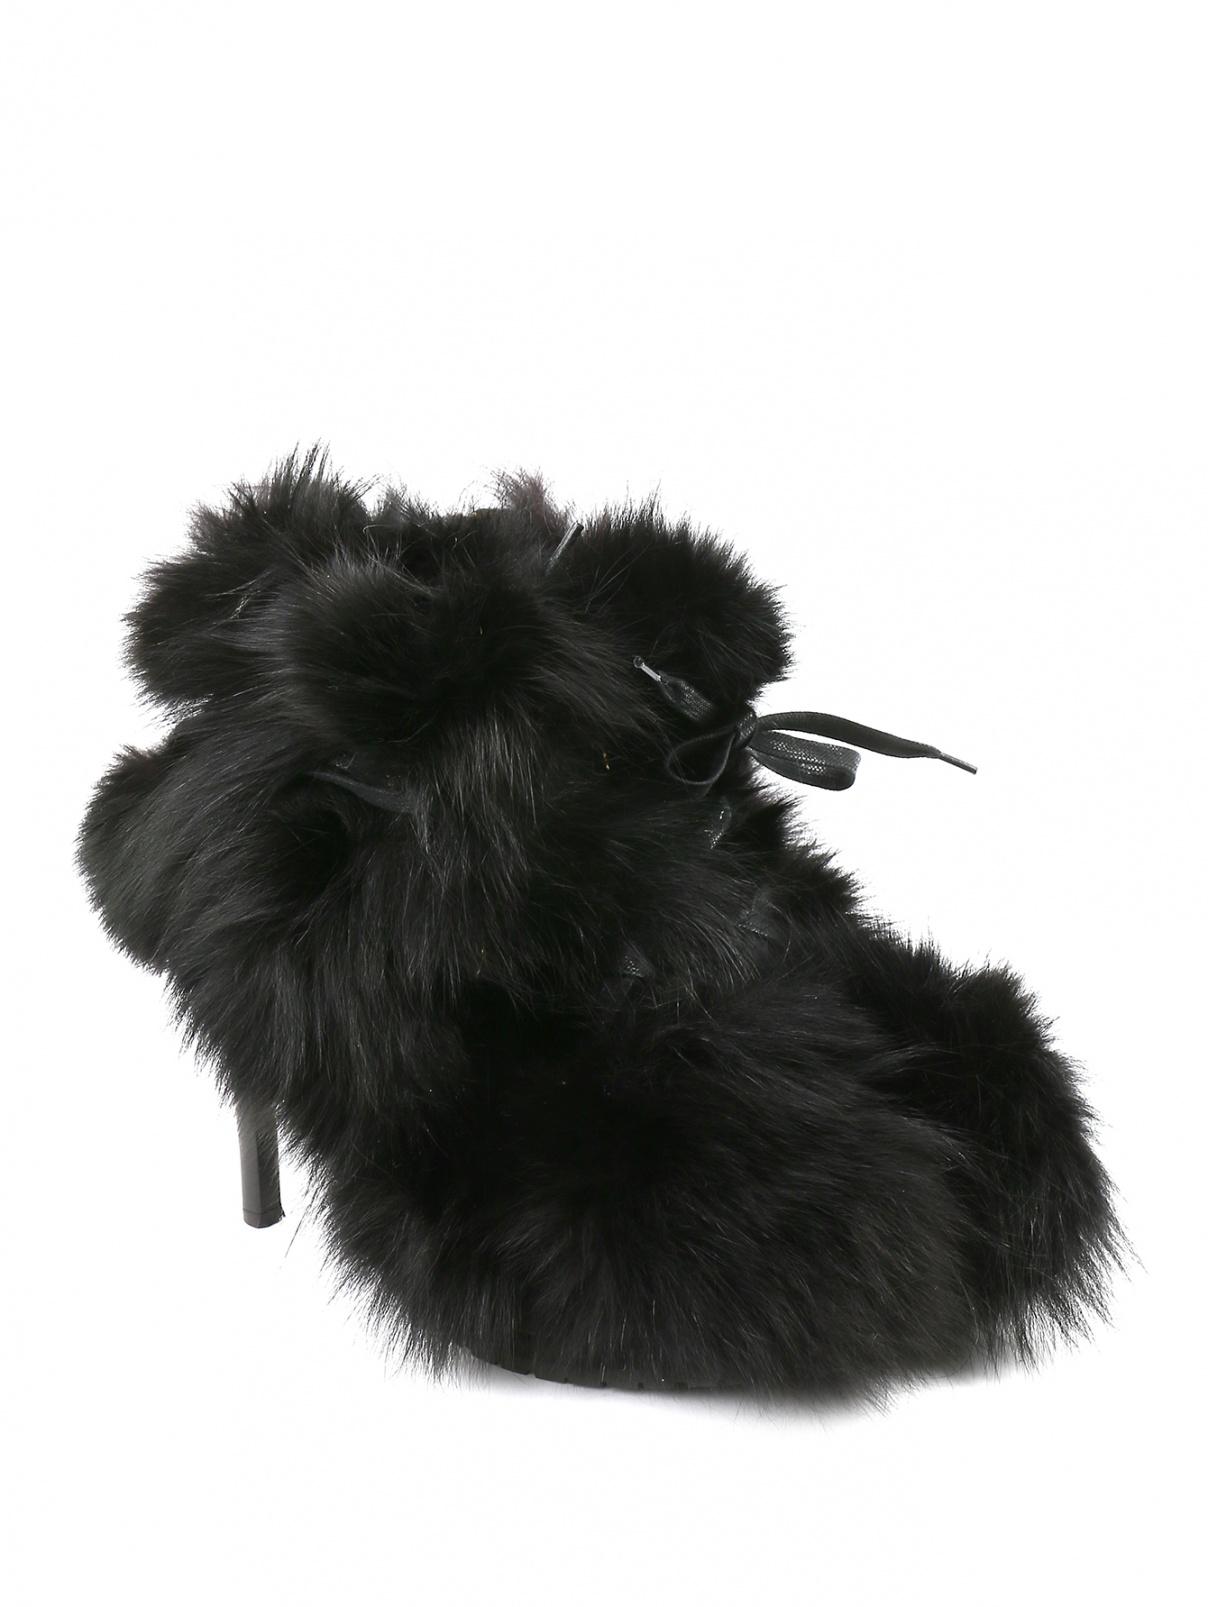 Ботильоны из кожи с меховой отделкой Moschino Cheap&Chic  –  Общий вид  – Цвет:  Черный